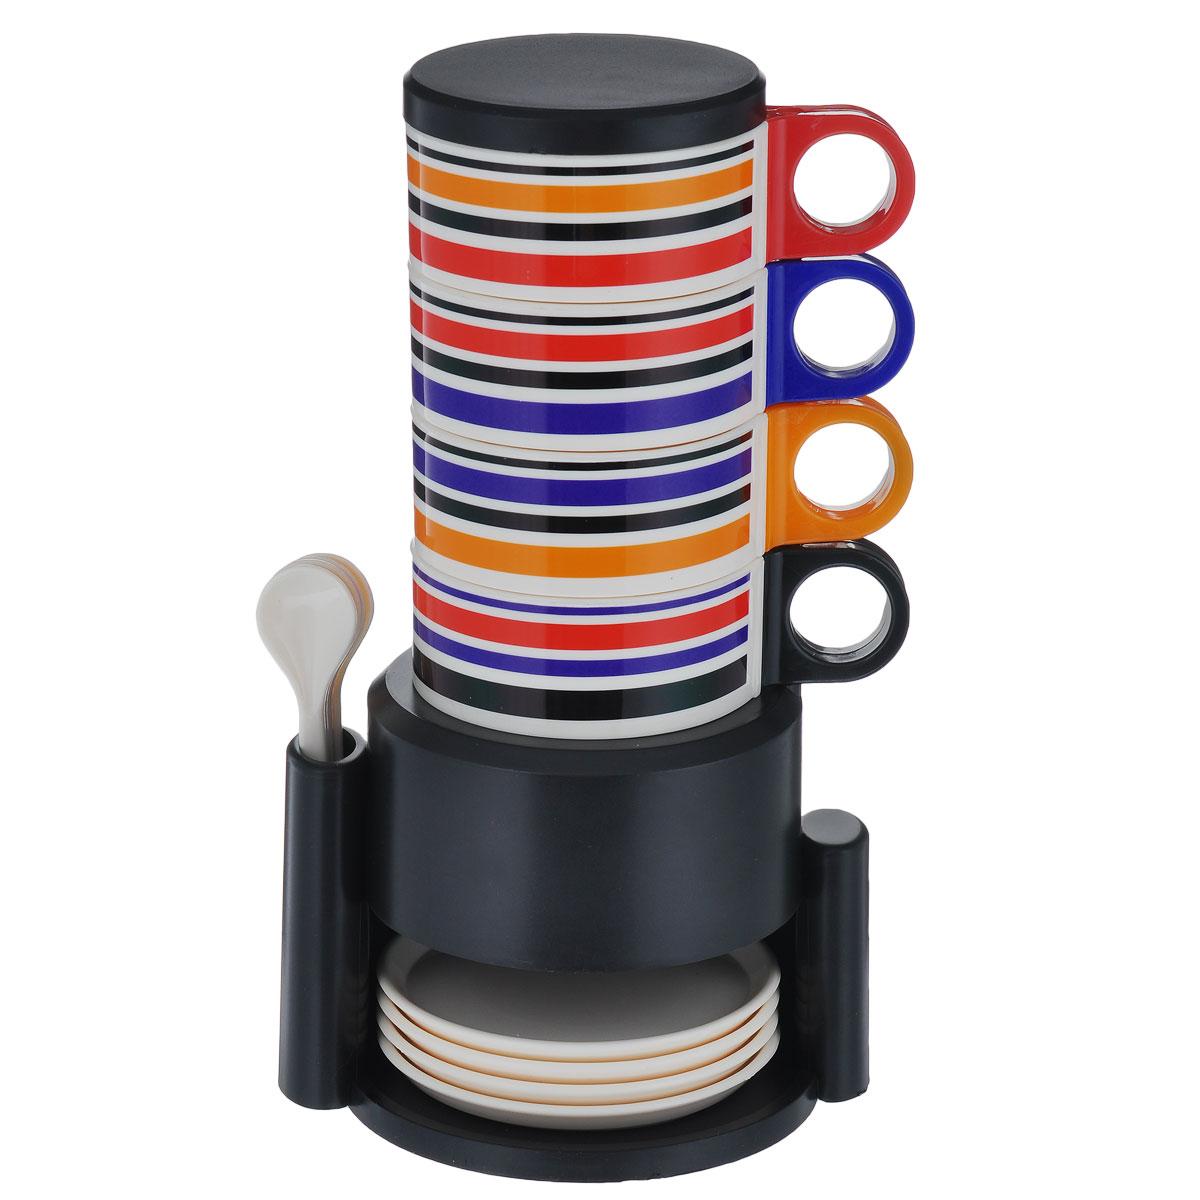 """Вечерами приятно посидеть с чашечкой чая или кофе в компании друзей. Набор посуды Bradex """"Чаепитие"""" подойдет для тесной компании из четырех человек. Чашки вместе с блюдцами и очаровательными ложечками удобно хранить в специальной подставке, которая не занимает много места на кухне.     Состав набора: 4 чашки, 4 блюдца, 4 ложки, крышка, подставка. Высота кружек: 8,5 см.  Диаметр кружек по верхнему краю: 8,5 см.  Диаметр кружек по дну: 6,3 см.  Диаметр крышки: 8,5 см.  Длина ложек: 12,2 см.  Диаметр блюдец: 9,9 см.  Высота блюдец: 1 см.  Размер подставки: 12 см х 14,8 см х 10,5."""